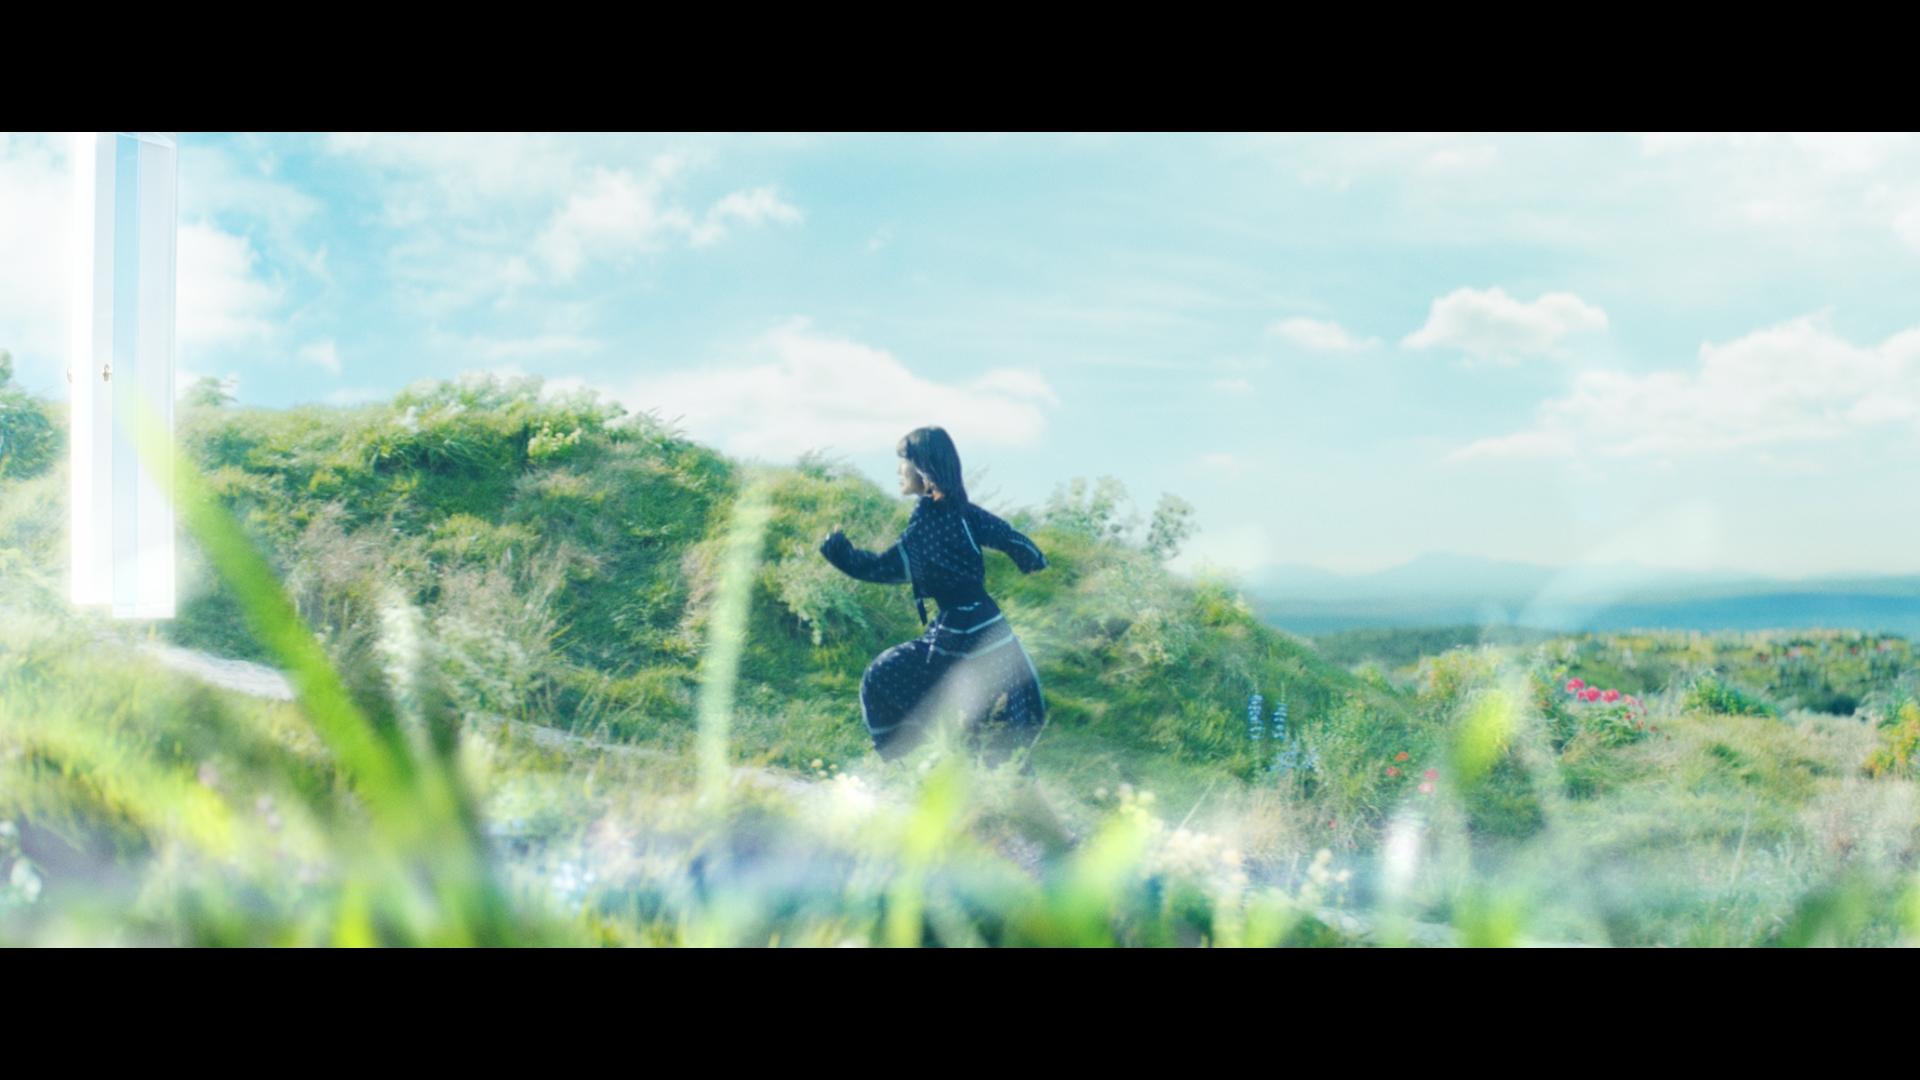 有村架純(ありむら かすみ・女優)/東芝の企業CM